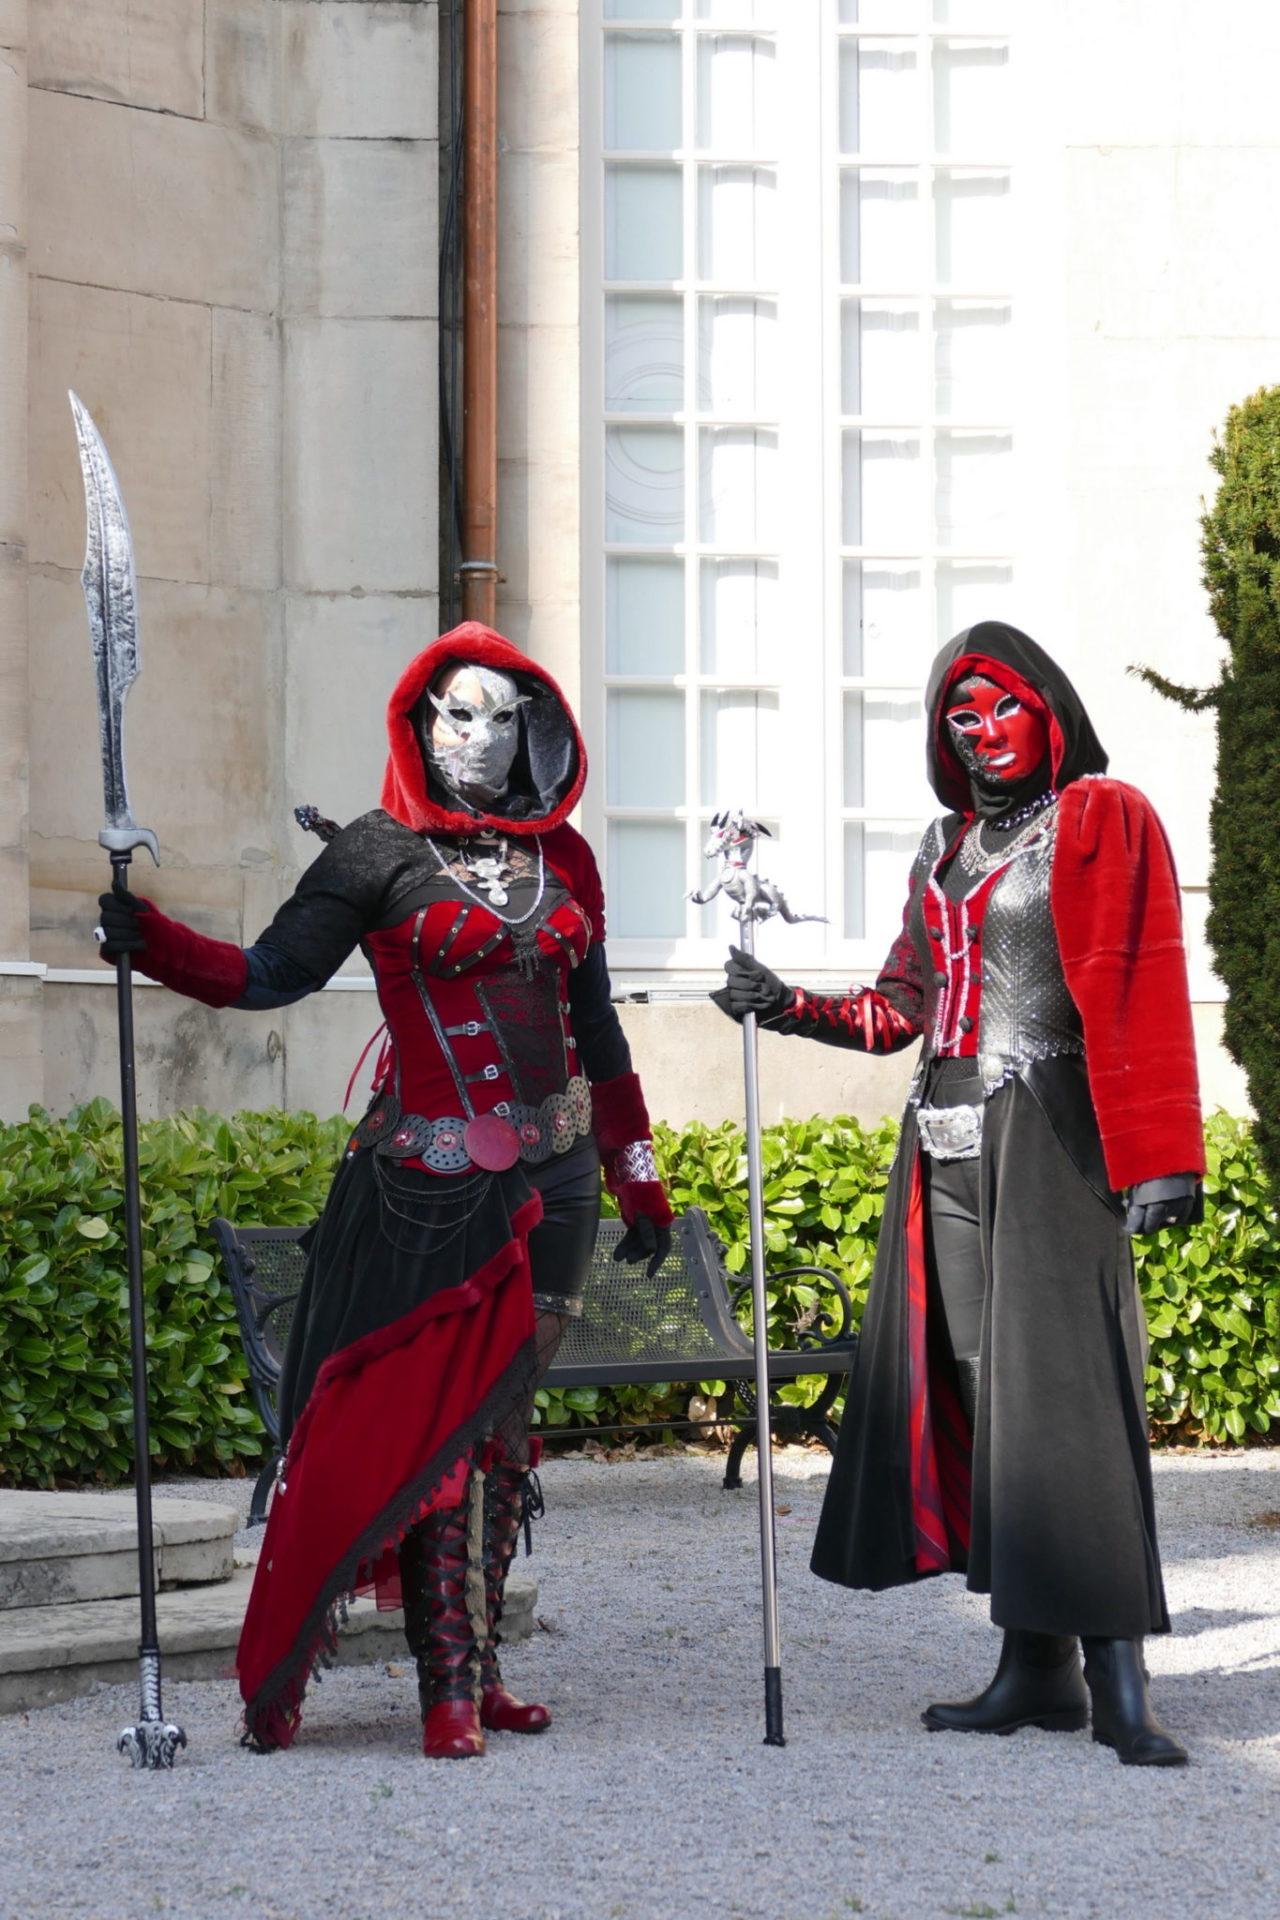 Les guerrières - Photo Ingrid et Arno Martini